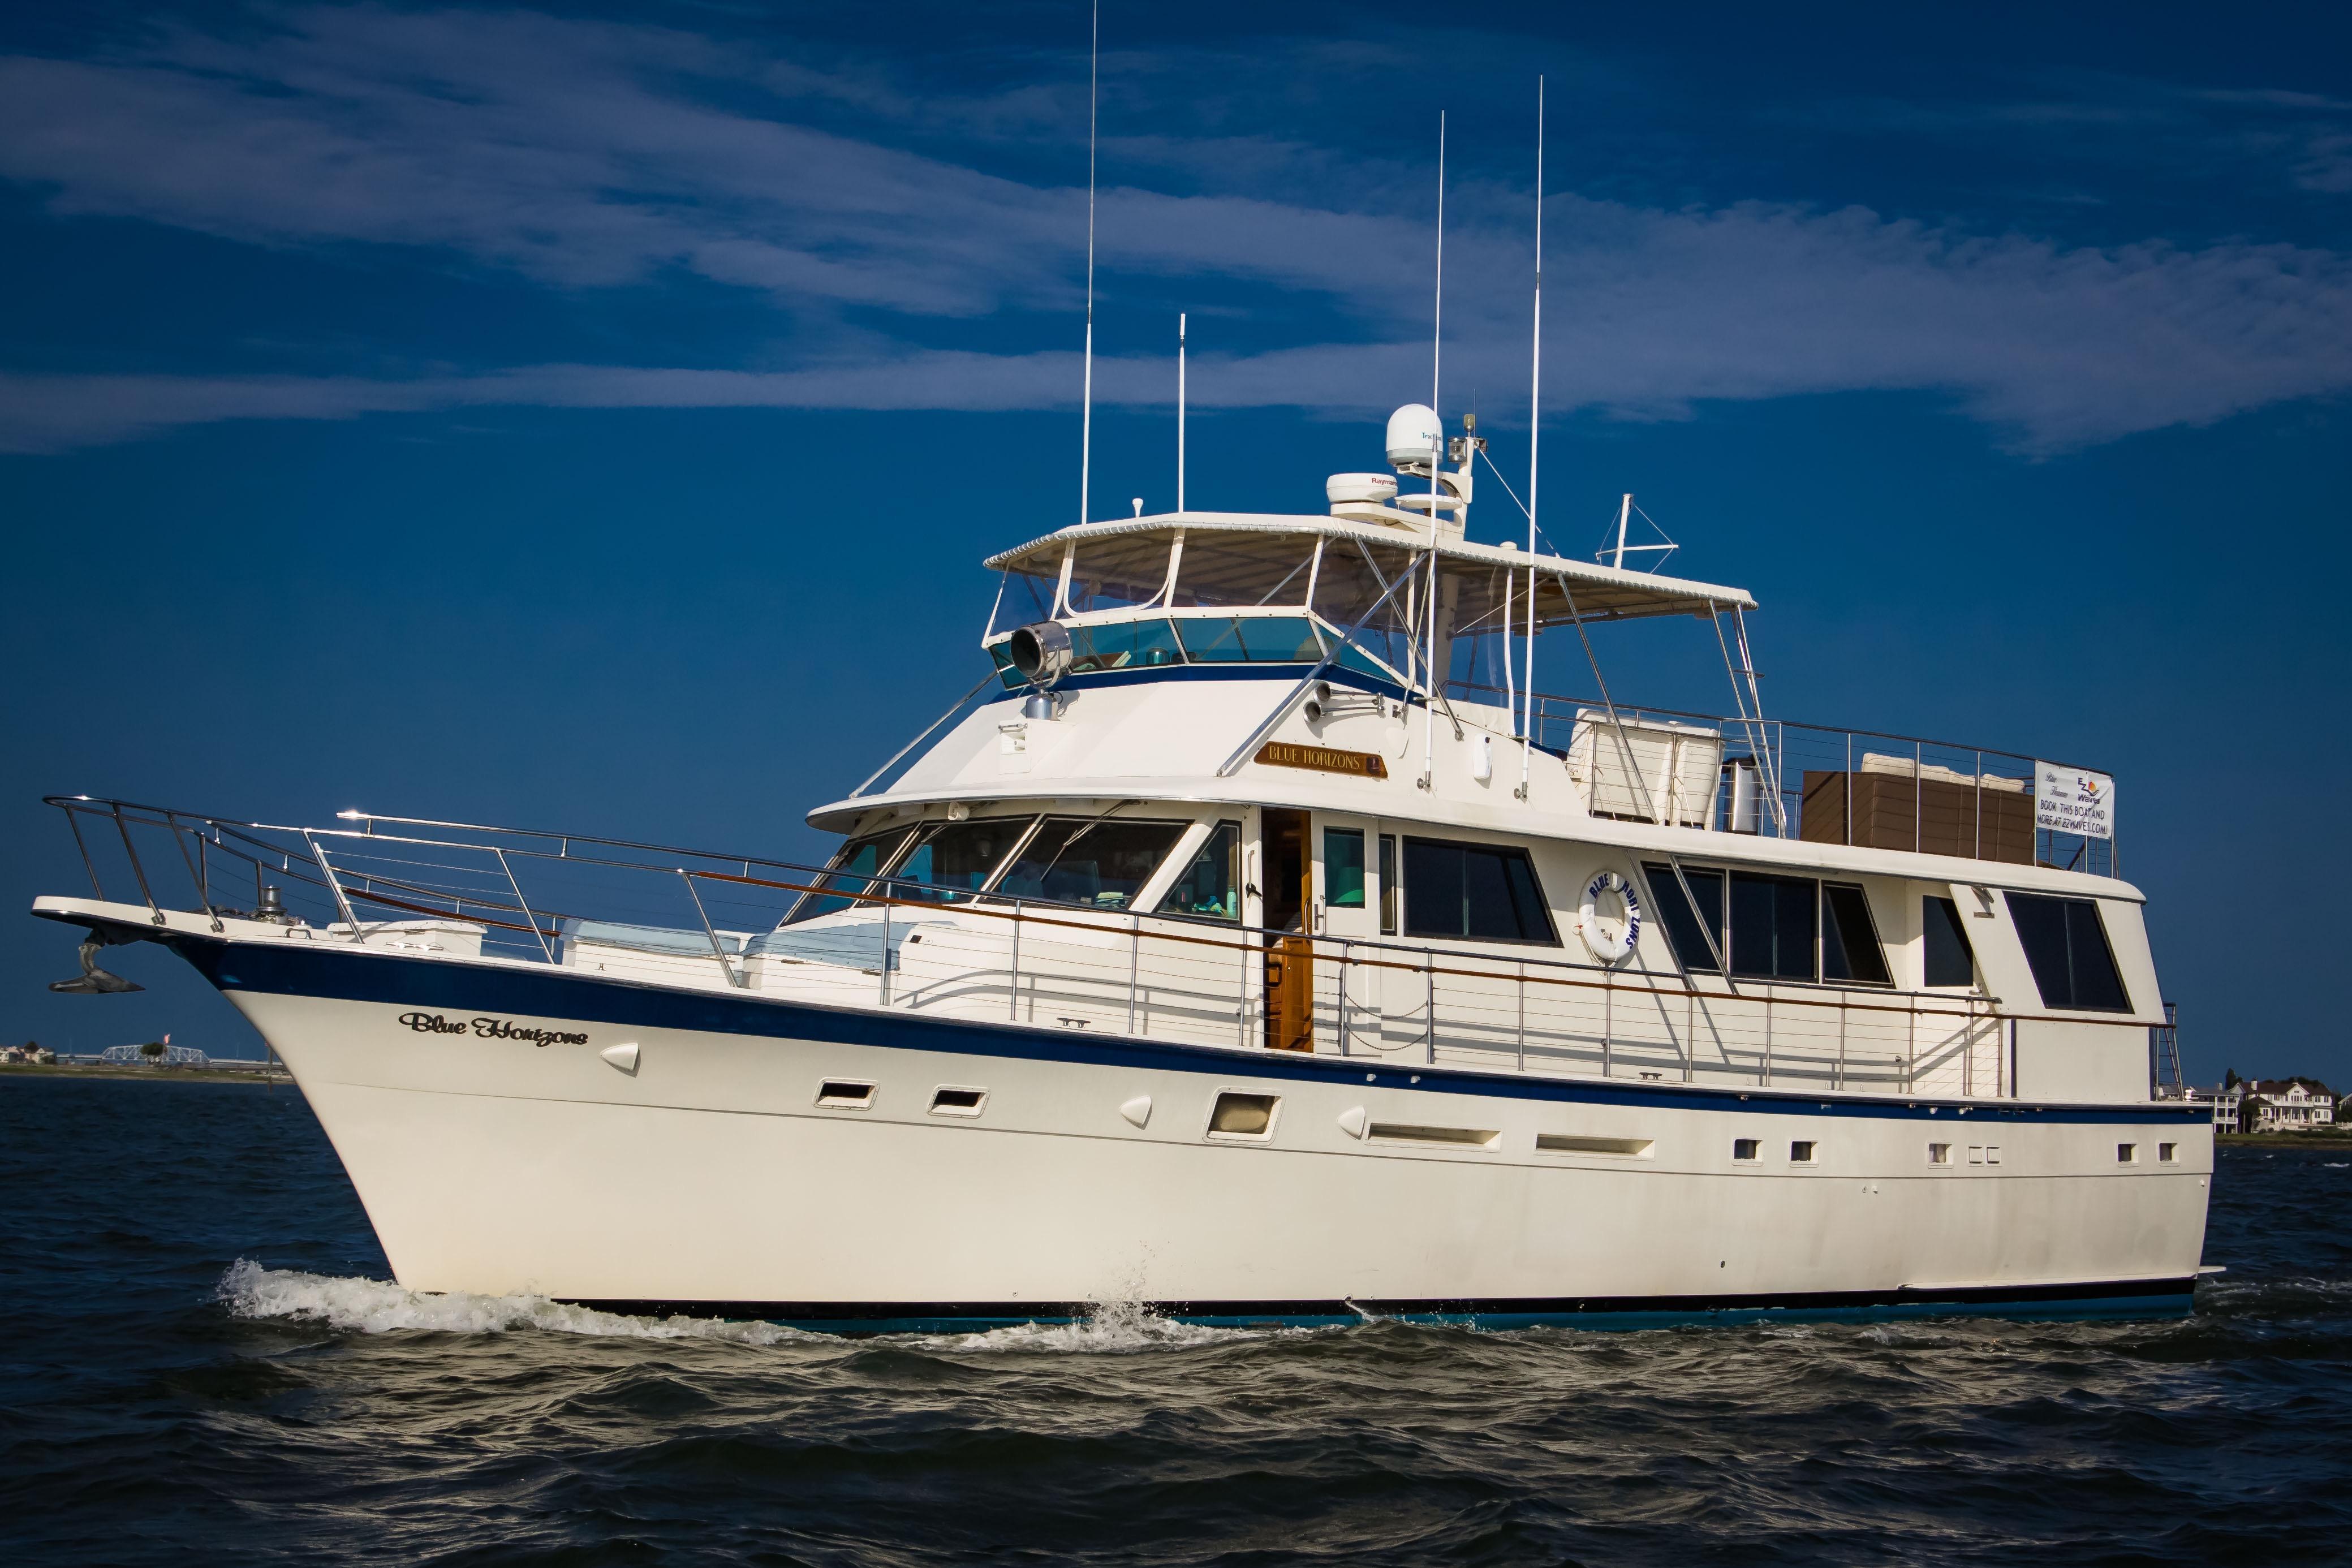 1983 Hatteras 70 Ft Motoryacht Power Boat For Sale Www